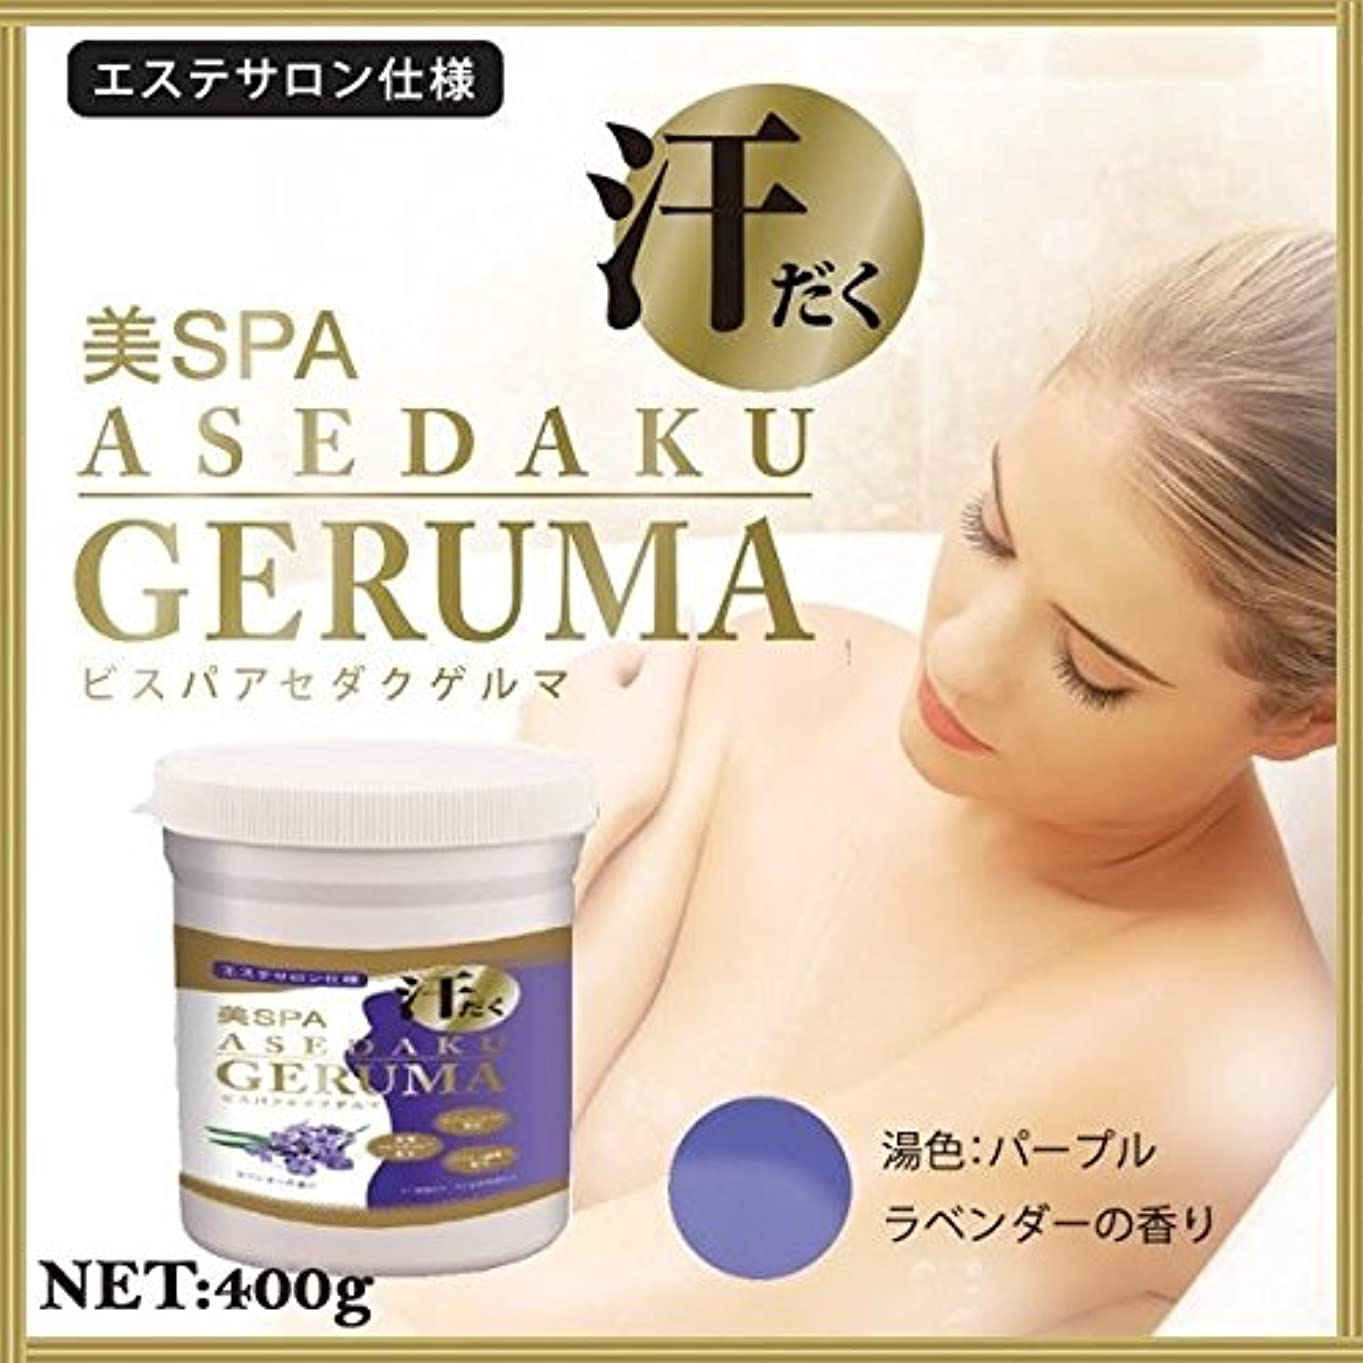 コントローラ持っている出しますゲルマニウム入浴料 美SPA ASEDAKU GERUMA ラベンダー ボトル 400g